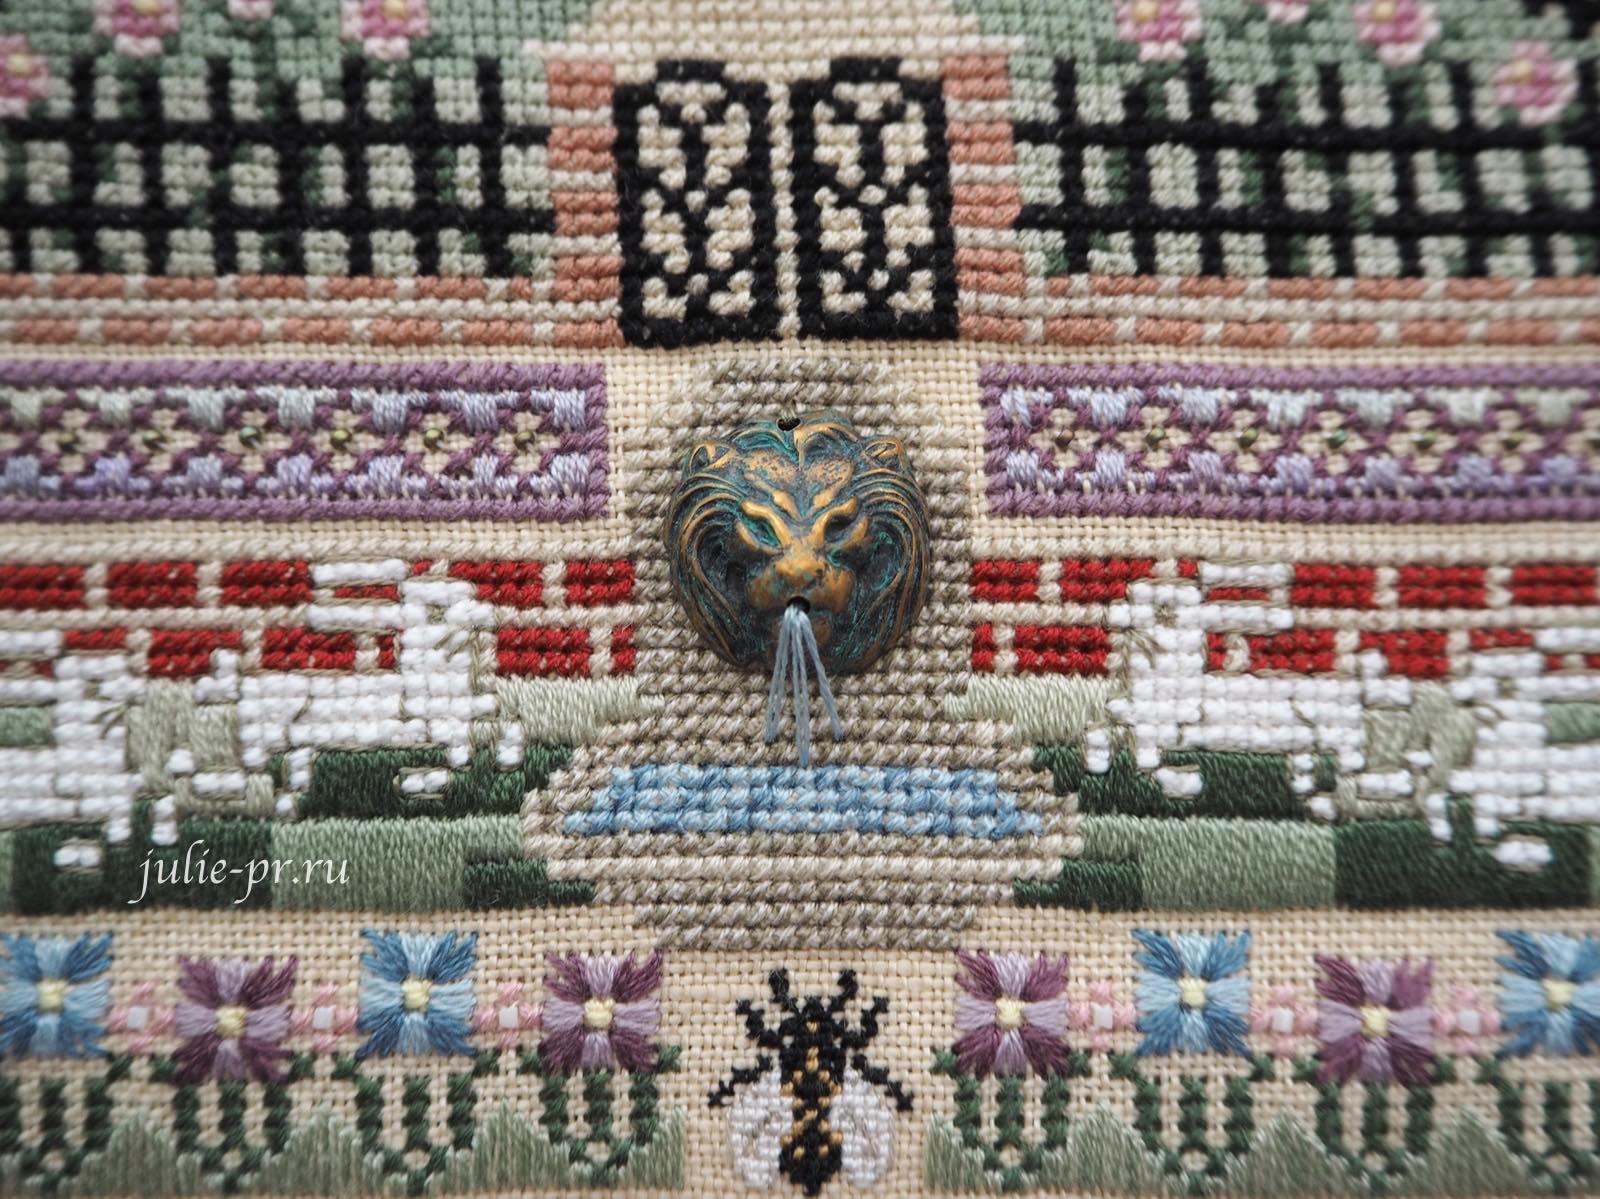 вышивка крестом, Silkwood Manor, Just Nan, дом, поместье, вышивка бисером, вышивка шовчиками, голова льва